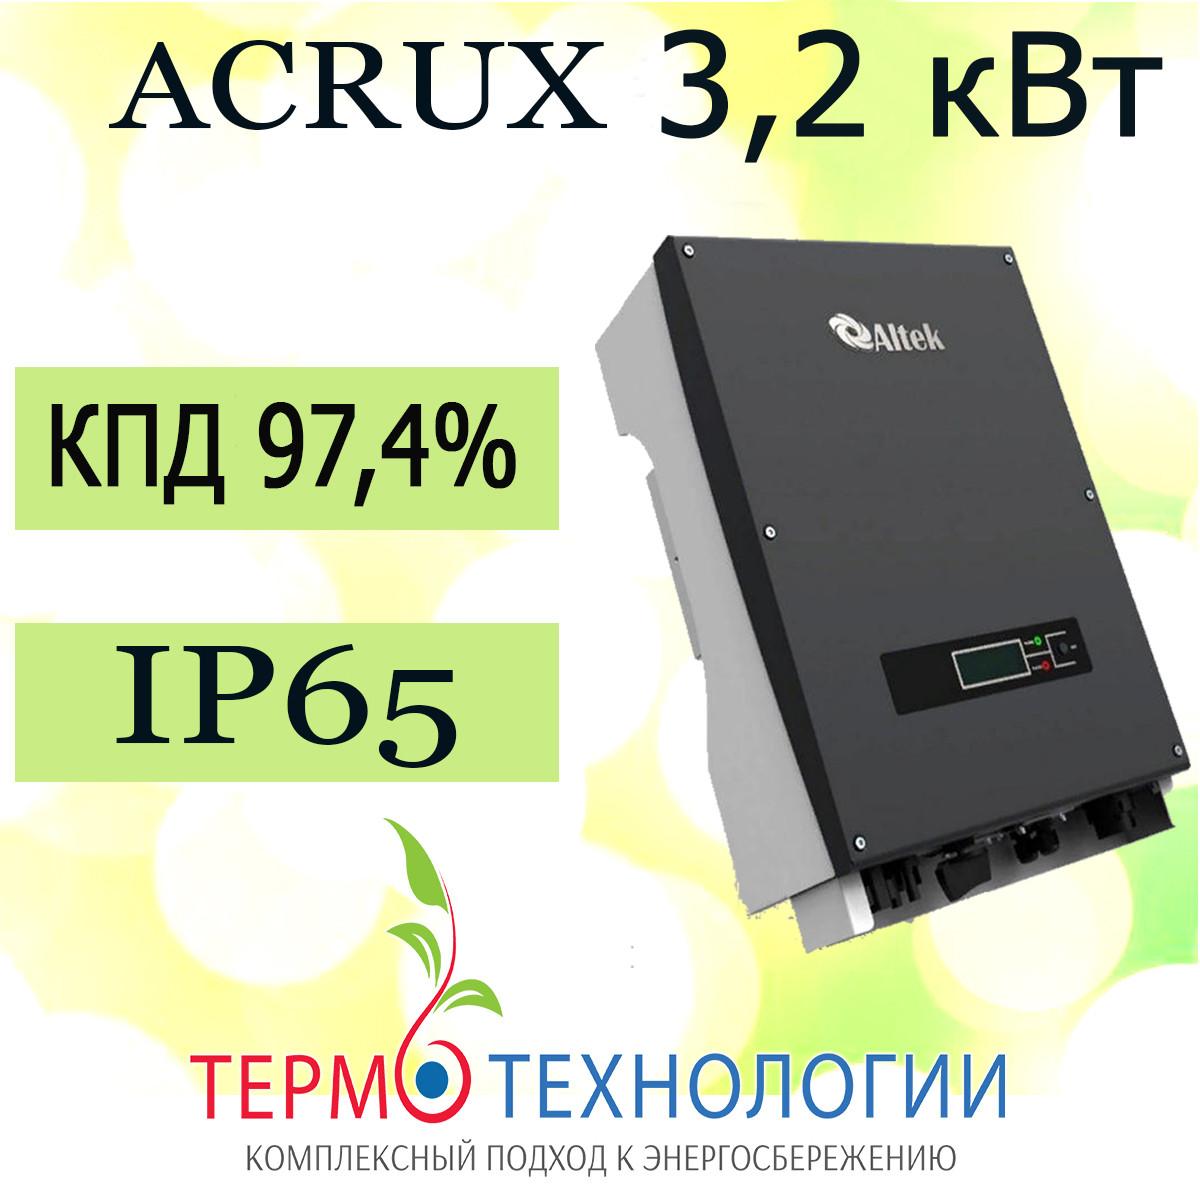 Солнечный инвертор сетевой ACRUX 3,2 кВт, 1Ф